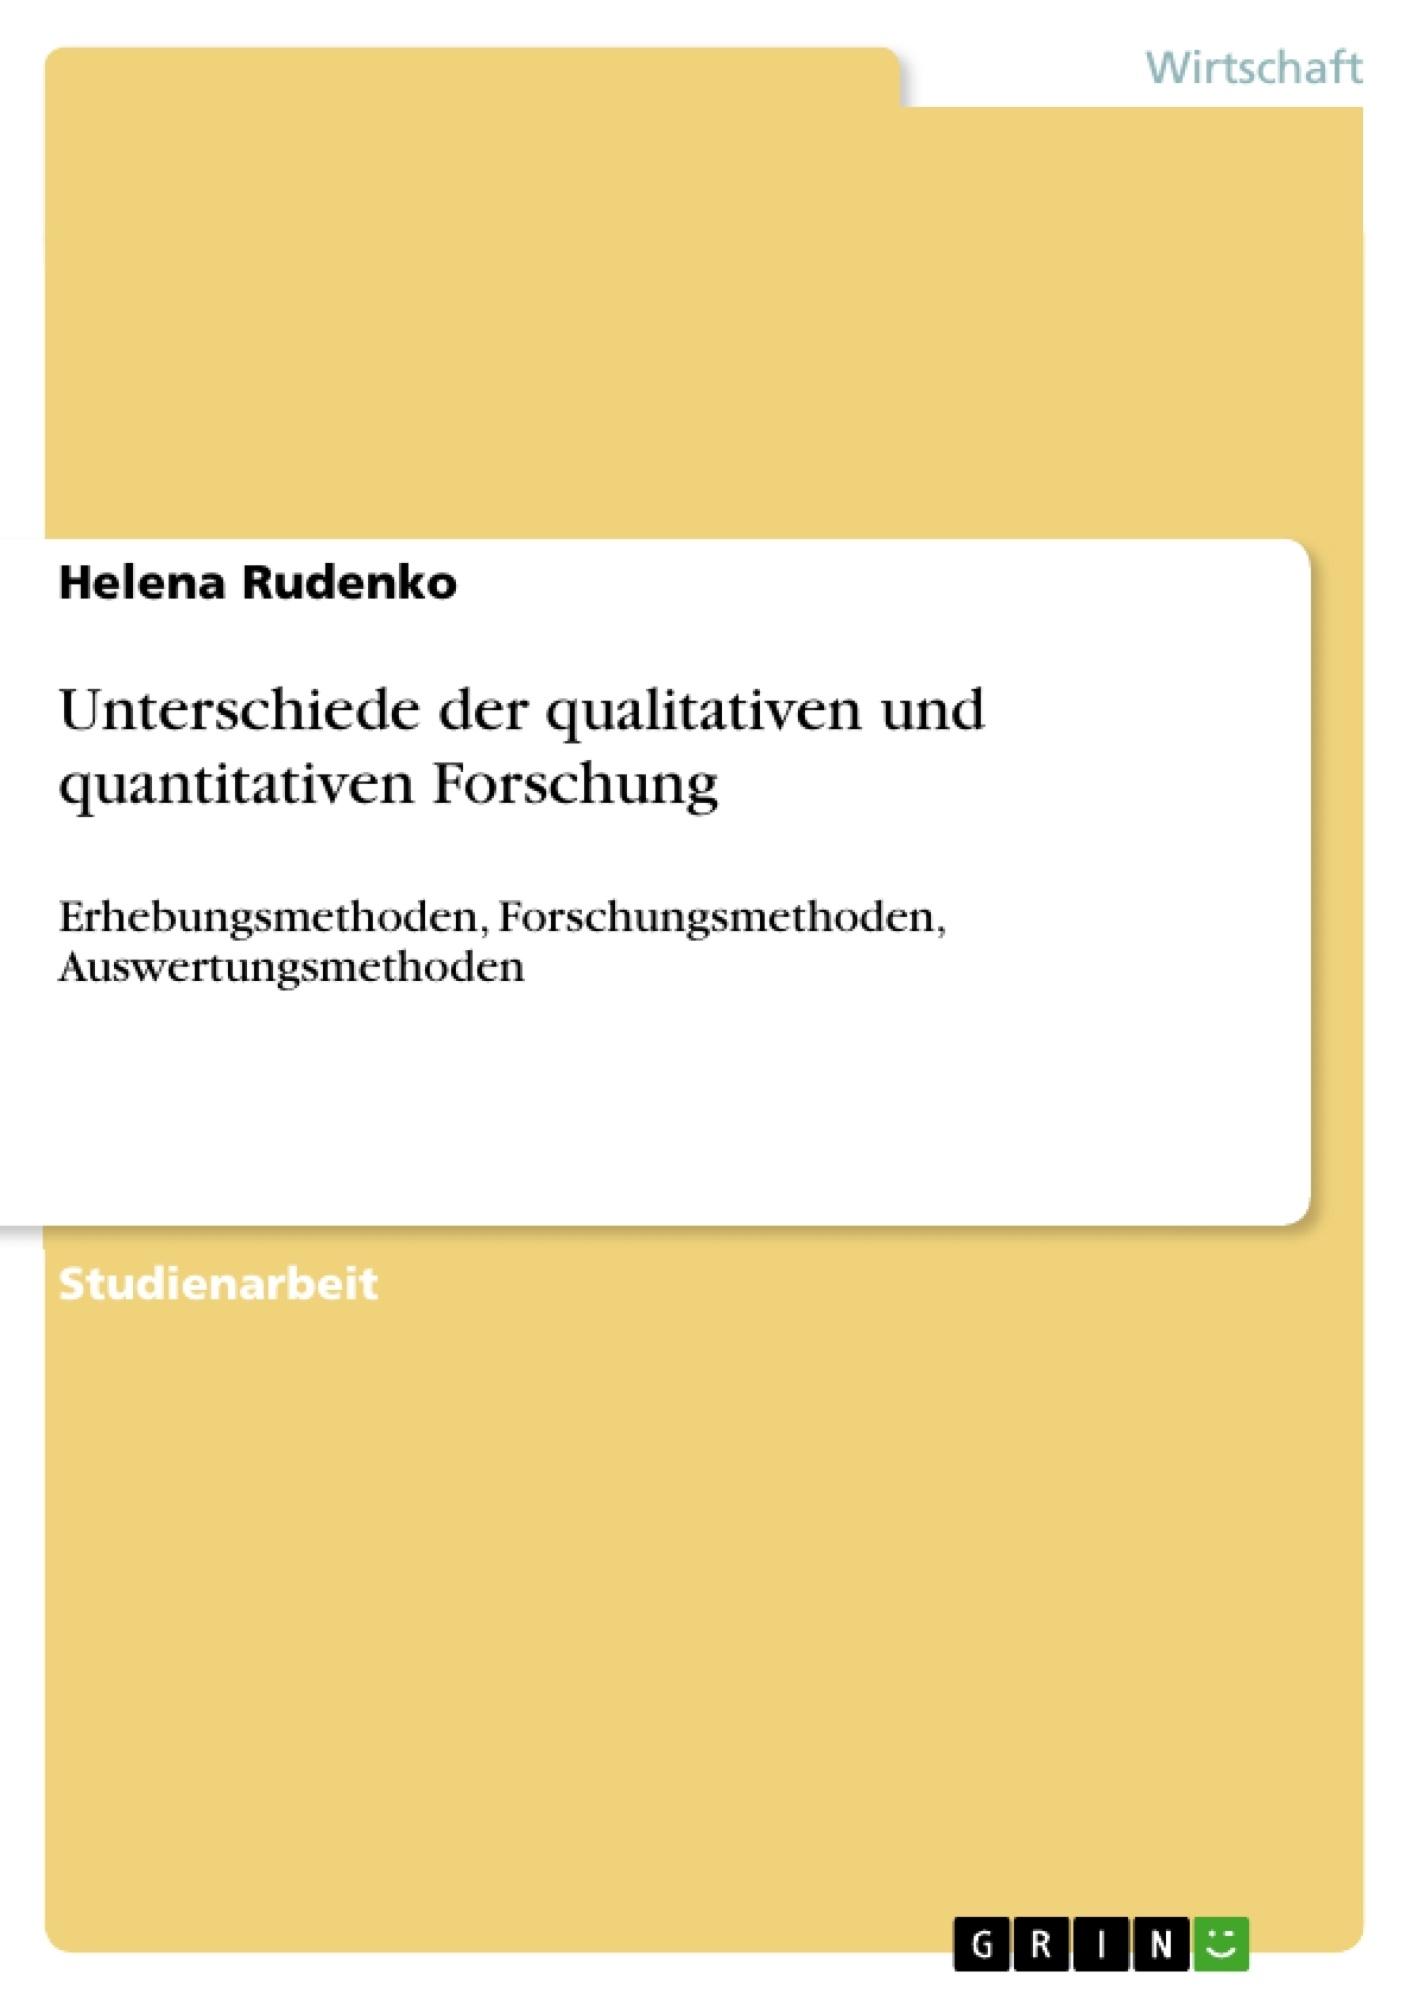 Titel: Unterschiede der qualitativen und quantitativen Forschung